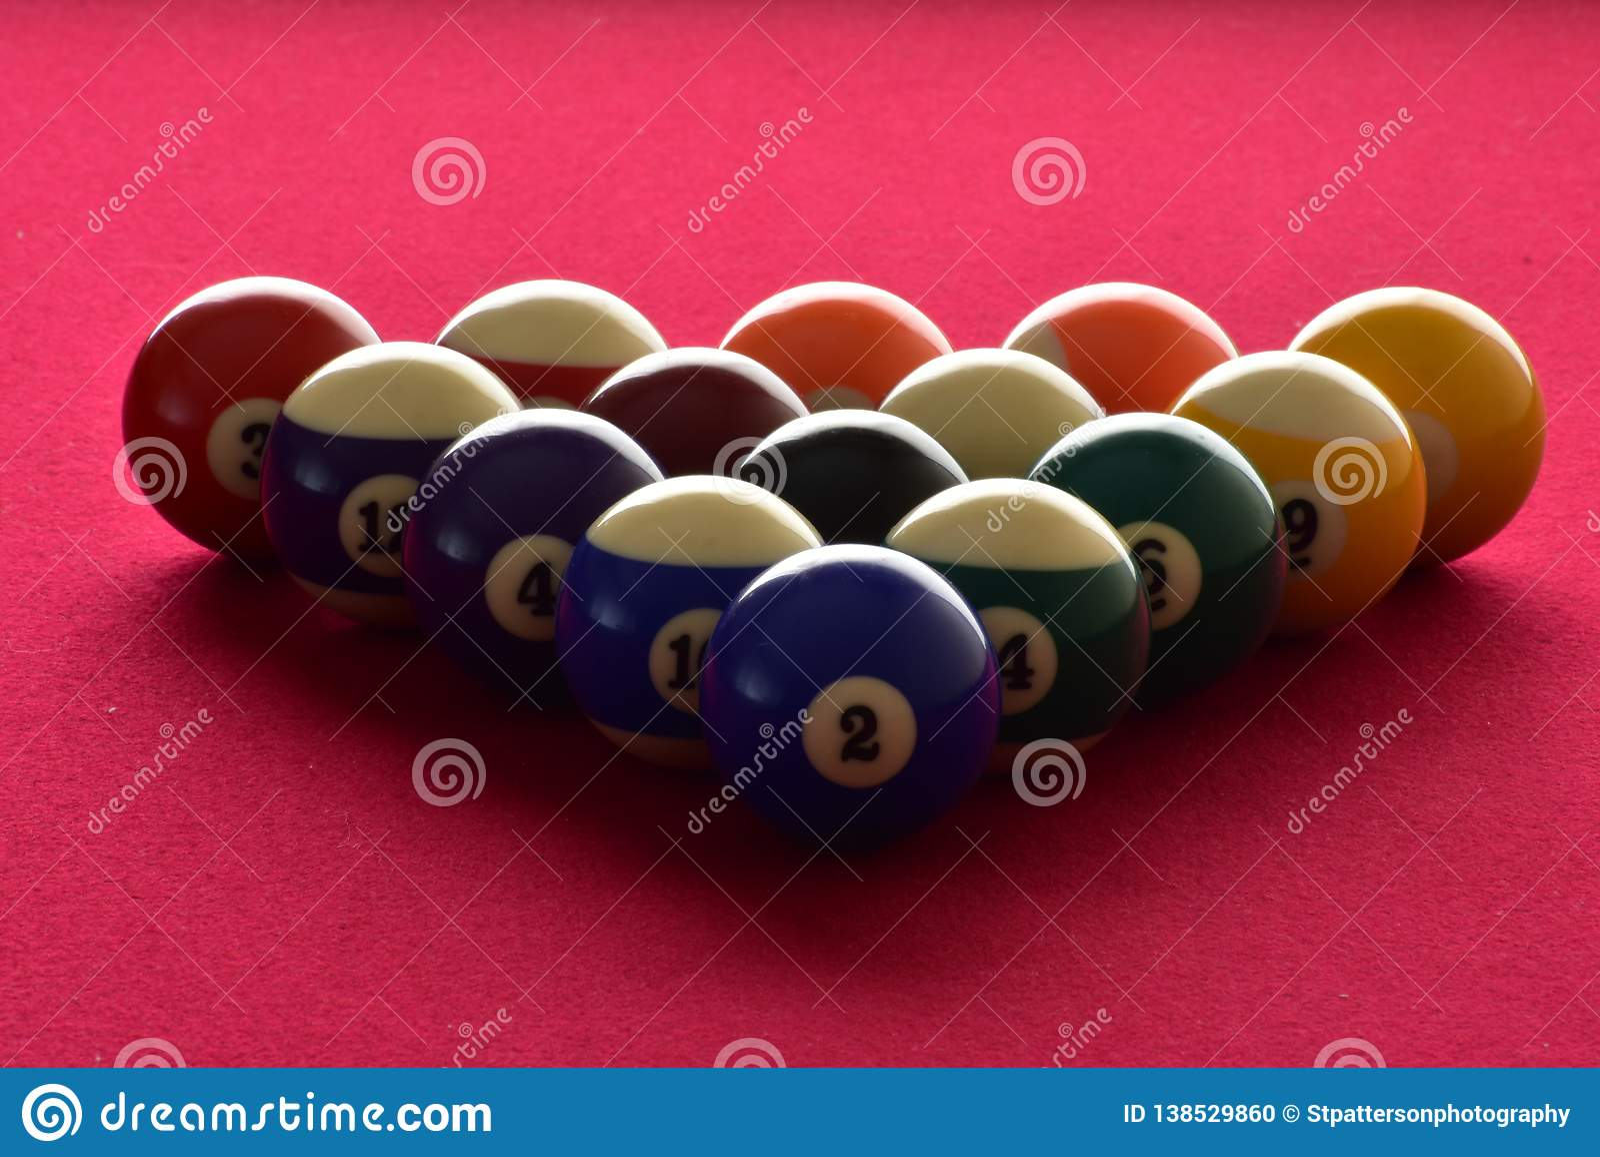 Billiardbollar på en röd klädd med filt pöltabell